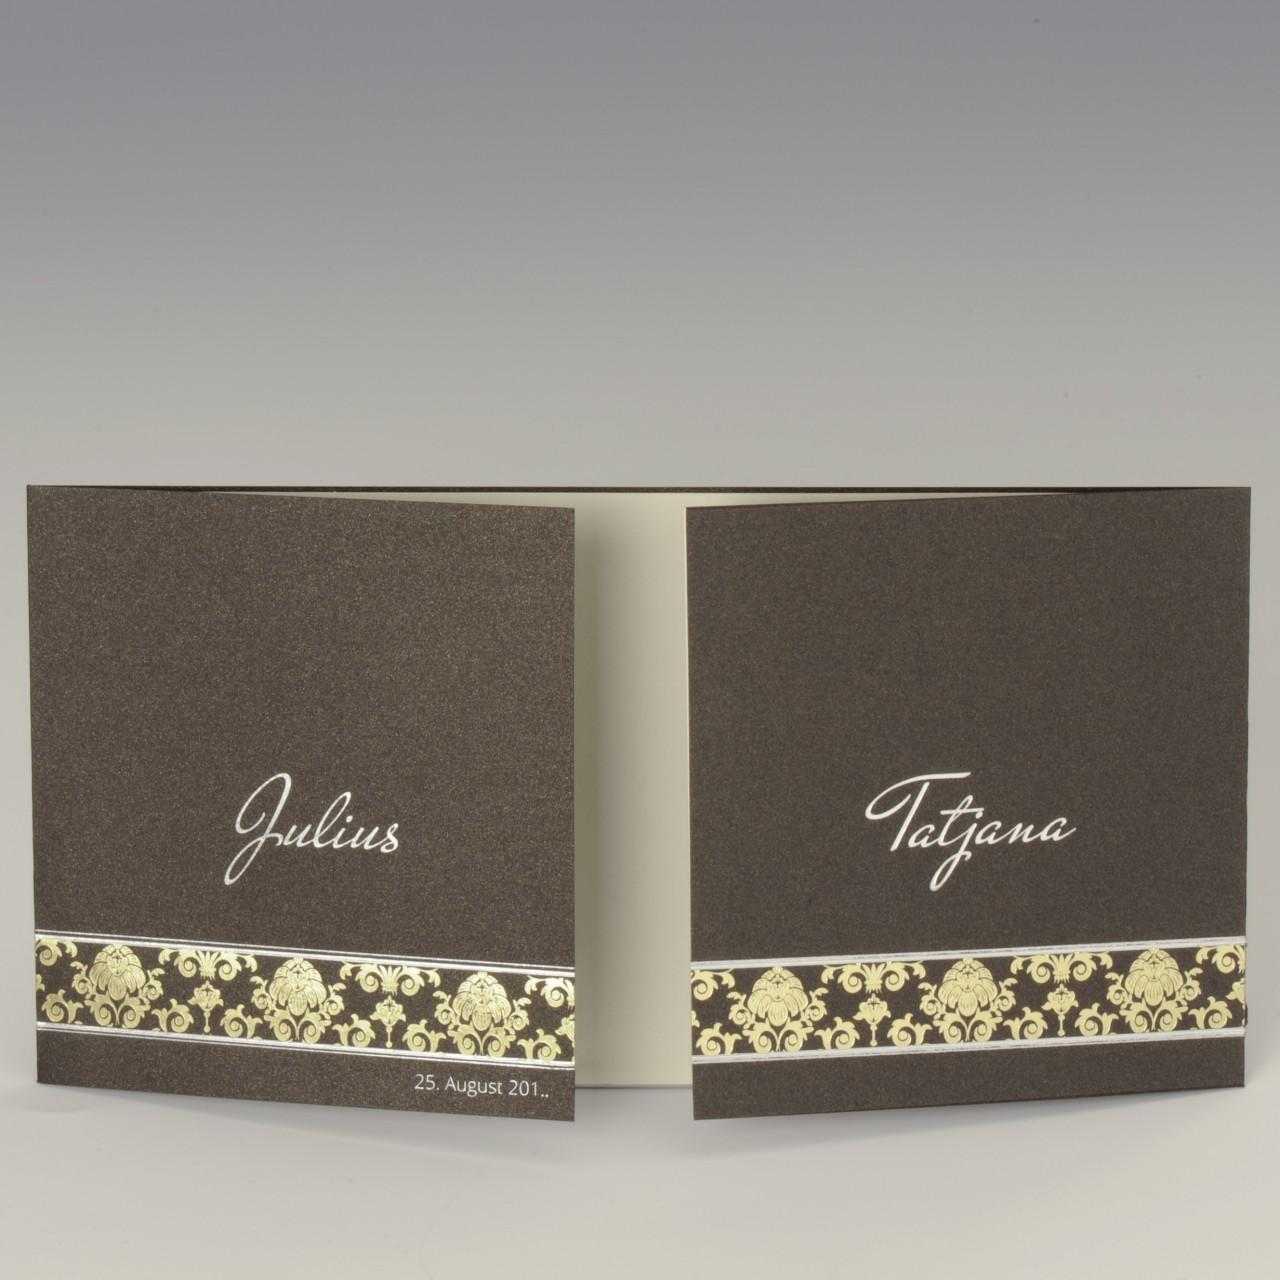 Braune glänzende Karte mit  Folienprägung auf der Vorderseite <b> Folienprägung (Namen) bereits im Preis inbegriffen! </b>